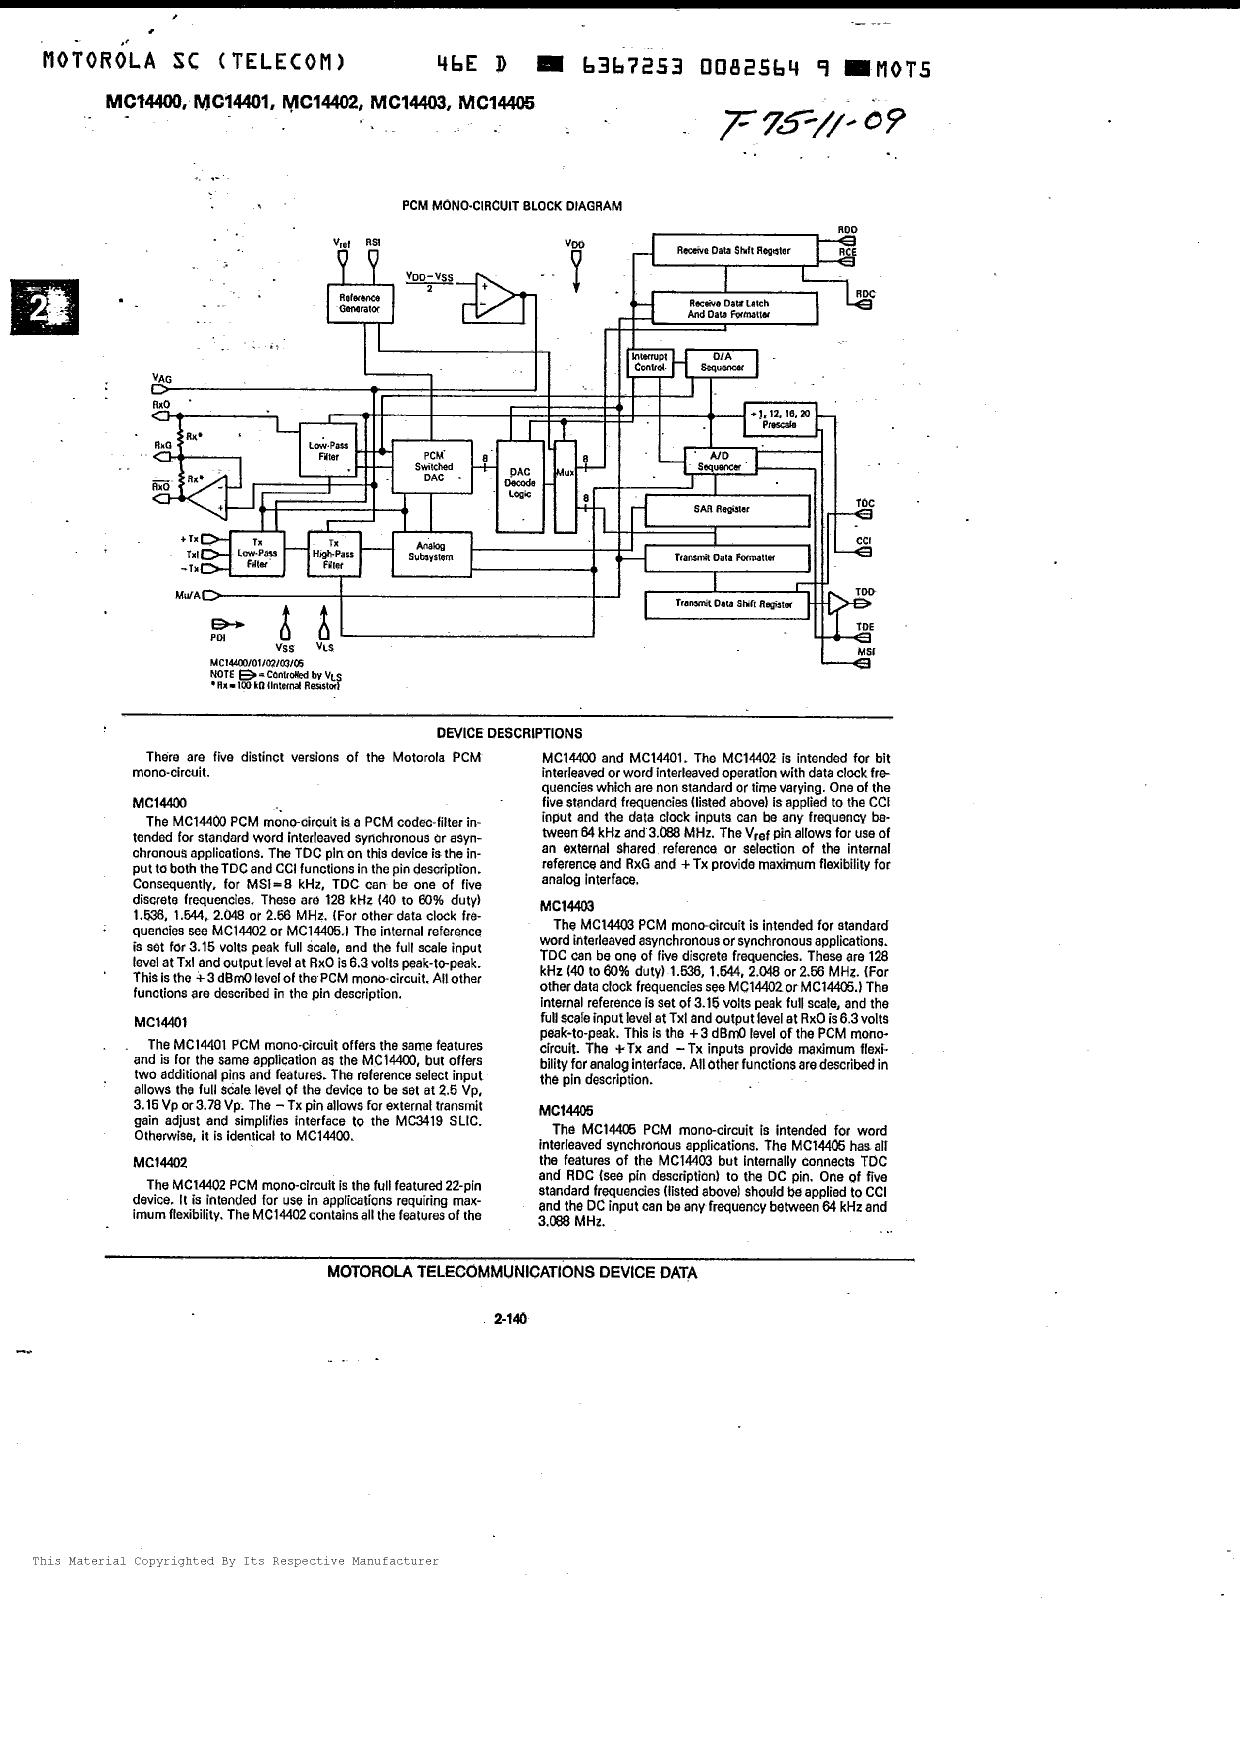 MC14401 pdf schematic